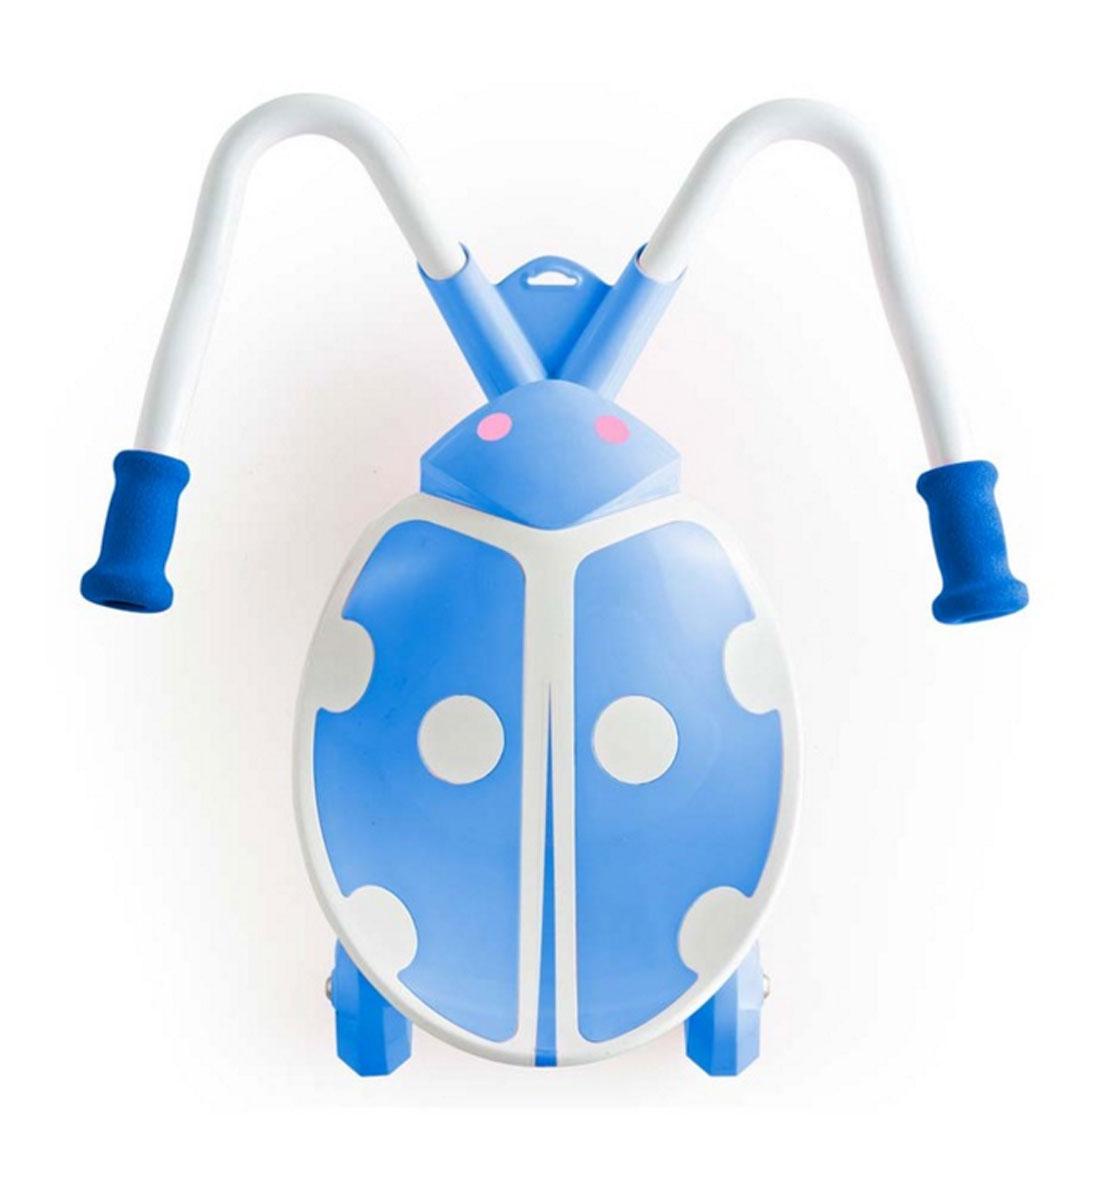 Детский скутер JD BUG TC-60 KIDZ SWAYER MINI, синийTC-60 KIDZ SWAYER MINIДетский скутер JD Bug TC-60 – Mini Kid SWAYER (синий) Новое изобретение Jd Bug станет настоящим хитом на улицах Москвы, Kidz Swayer отлично подойдет детям, которые любят движение и скорость. Забавный беговел доставит много удовольствия маленькому гонщику и в то же время поможет малышу развивать координацию движений. JD Bug TC-60 – Mini Kid SWAYER - это новый детский сидячий скутер в форме божьей коровки, он имеет широкое пластиковое сиденье и изогнутый стальной руль с мягкими рукоятками. Для того, чтобы привести скутер в движение ребенку необходимо сесть в седло, поставить ноги на основание руля и попеременно нажимать ногами, держа рукоятки в руках для контроля направления. Ребенку не нужно отталкиваться от земли, скутер покатится за счет движения подвижных мягких колес. Дети очень быстро учатся кататься на этом самокате, достаточно просто посадить ребенка на него и он интуитивно понимает, что ему надо делать и сразу же начинает наворачивать круги. Swayer очень легкий, благодаря...